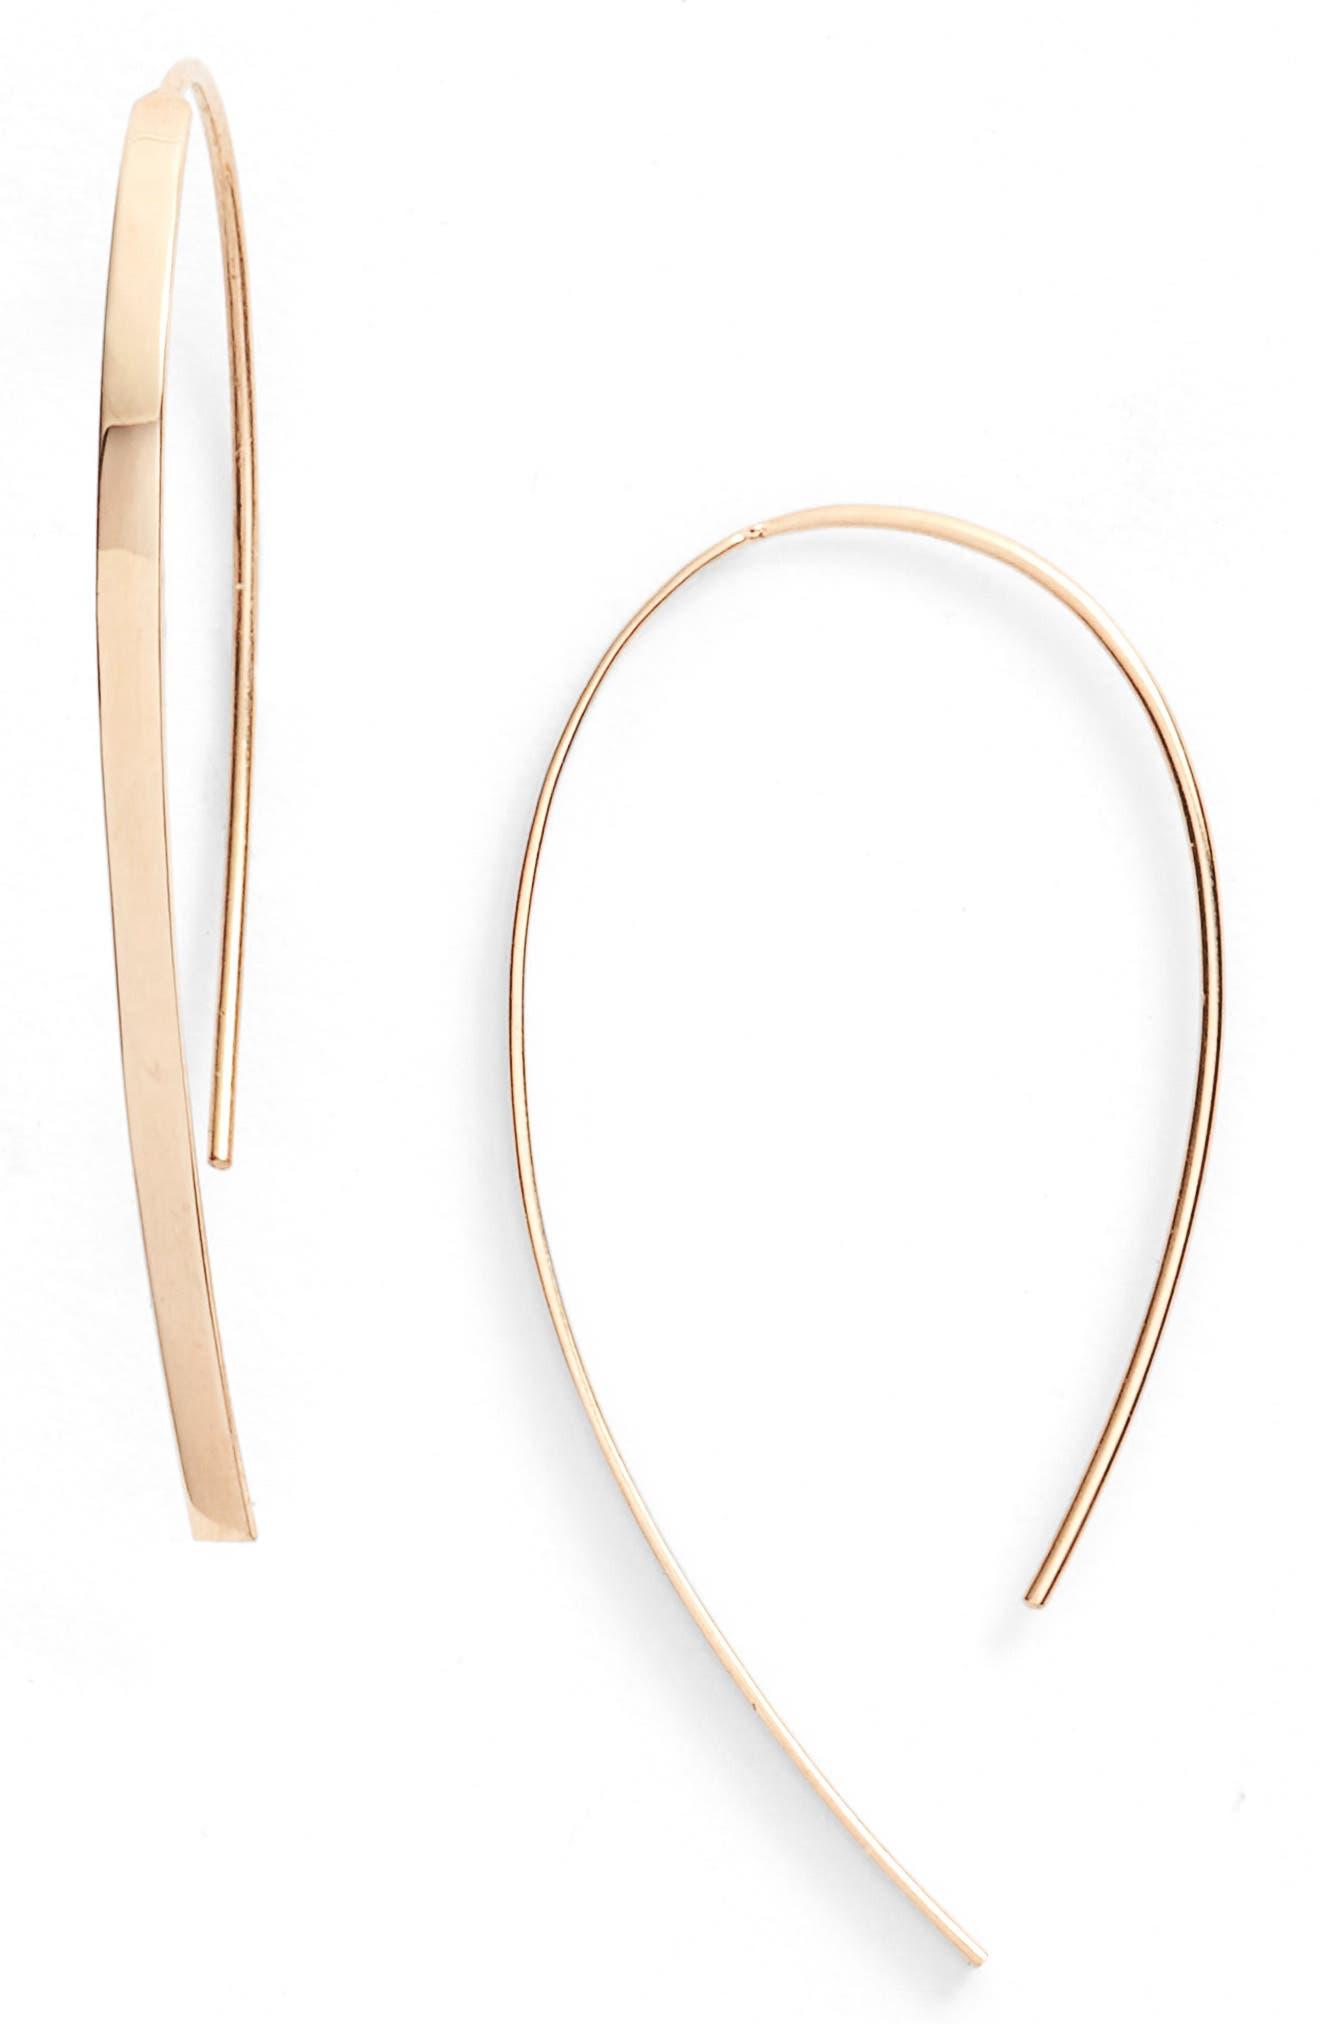 LANA JEWELRY Mini Flat Hooked On Hoop Earrings